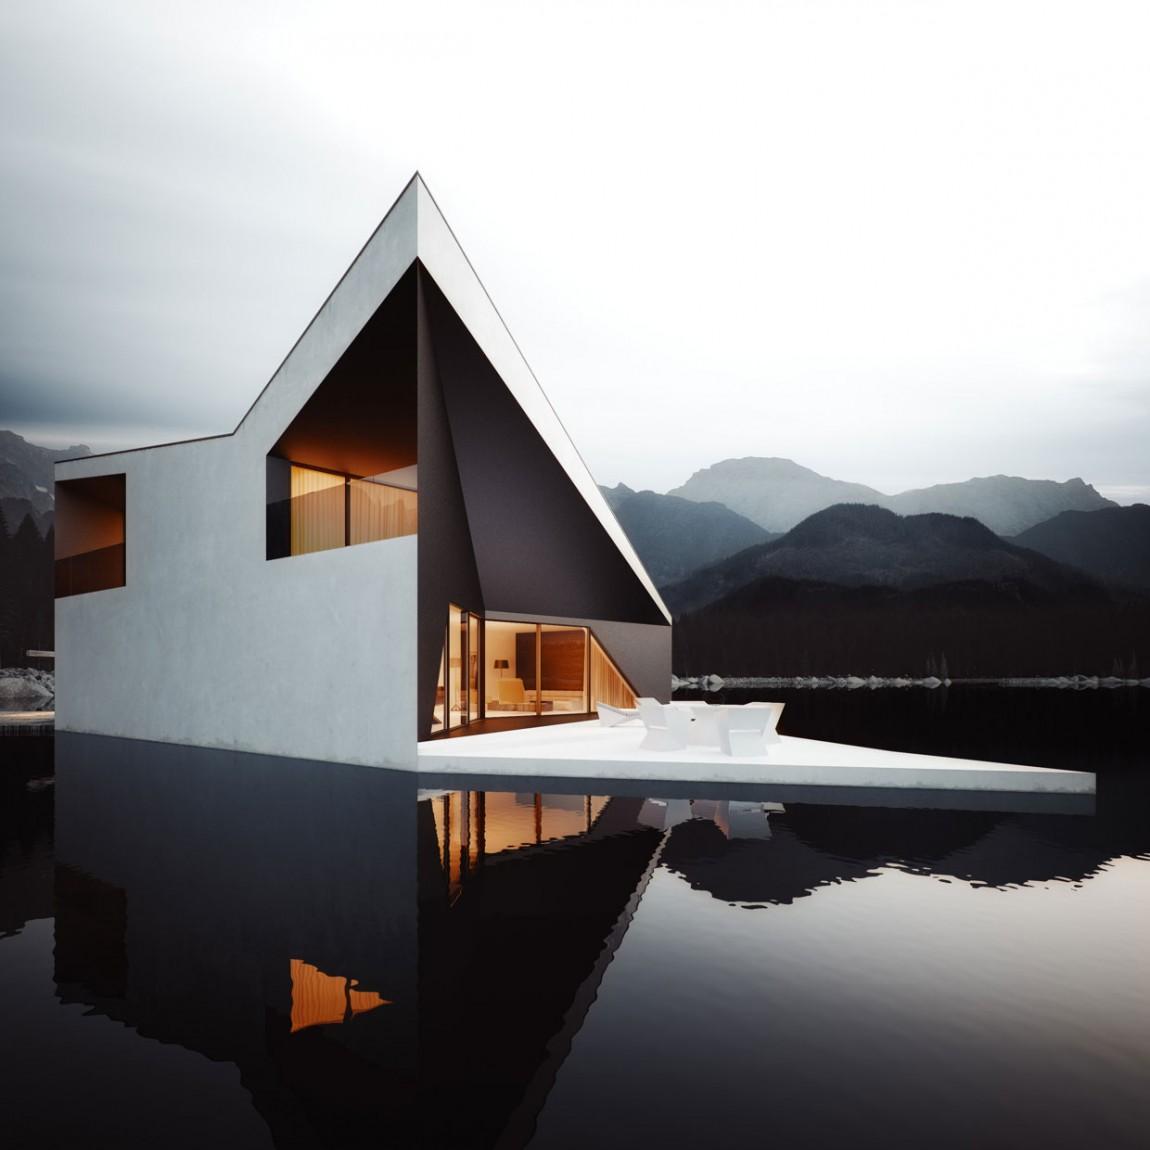 матери можно черно белое треугольное фото дома простой